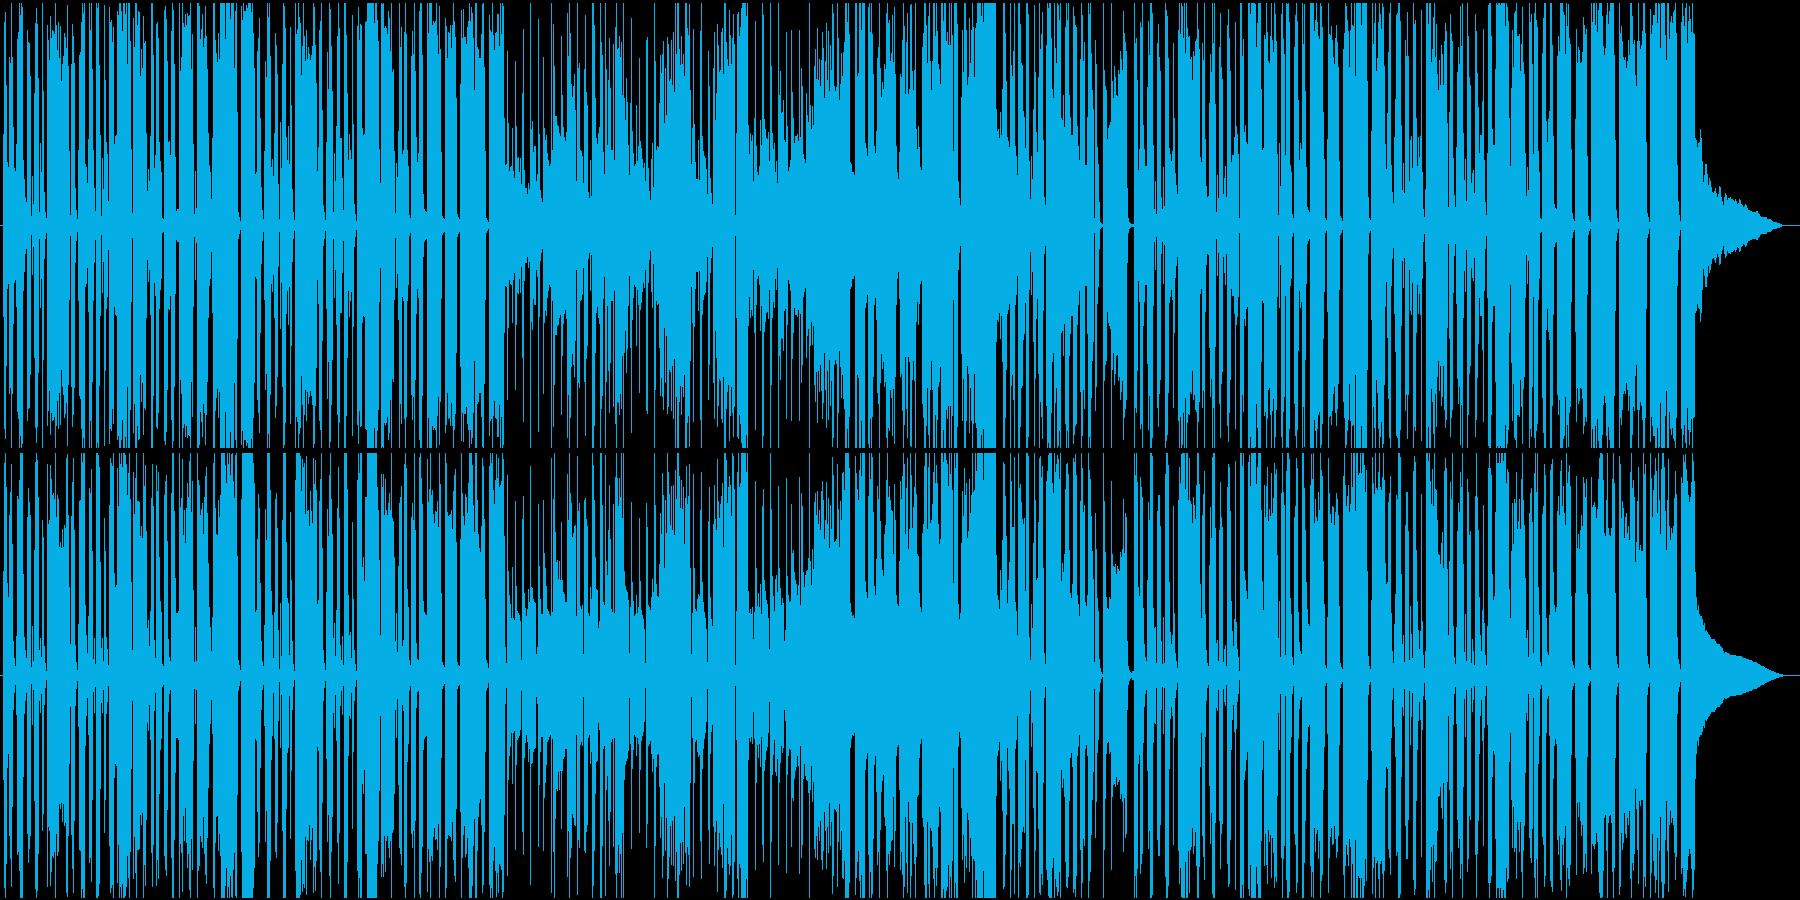 アニメ CM エンディング コミカル の再生済みの波形